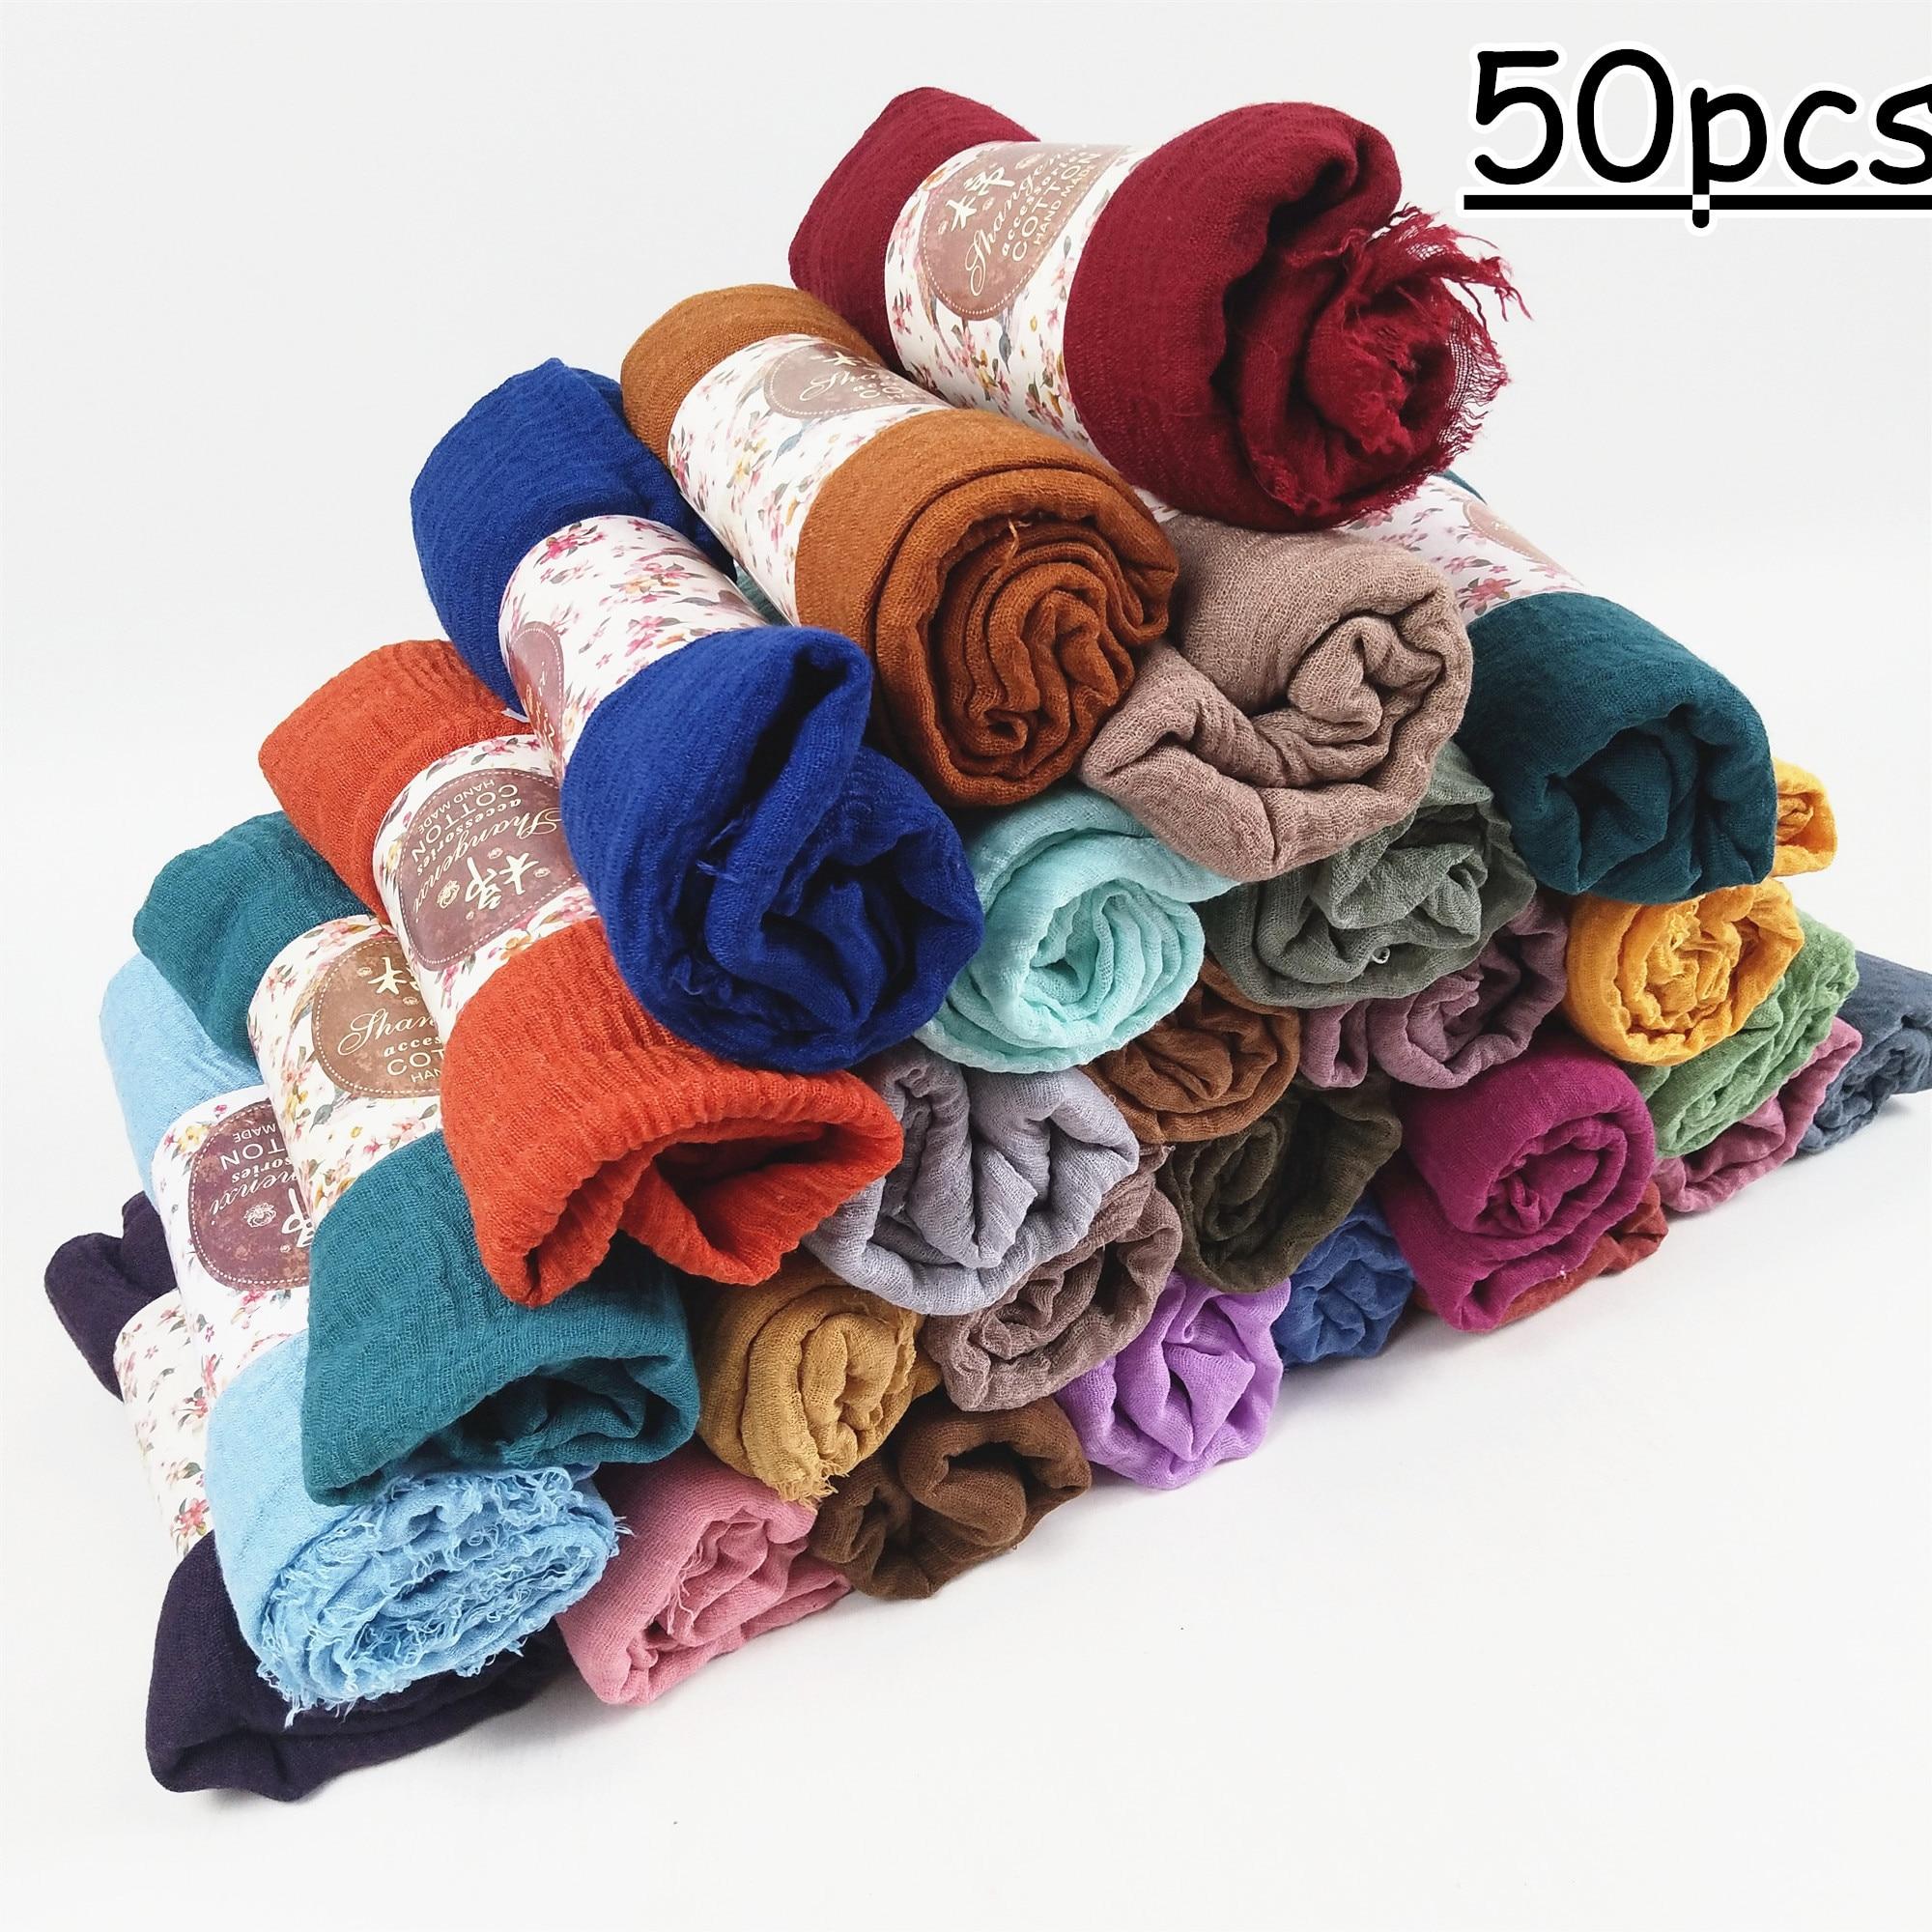 J4 Gorąca sprzedaż bubble zwykły szalik / szaliki frędzle kobiety miękkie stałe hijabs popularne szale szalik duży pashmina wrap